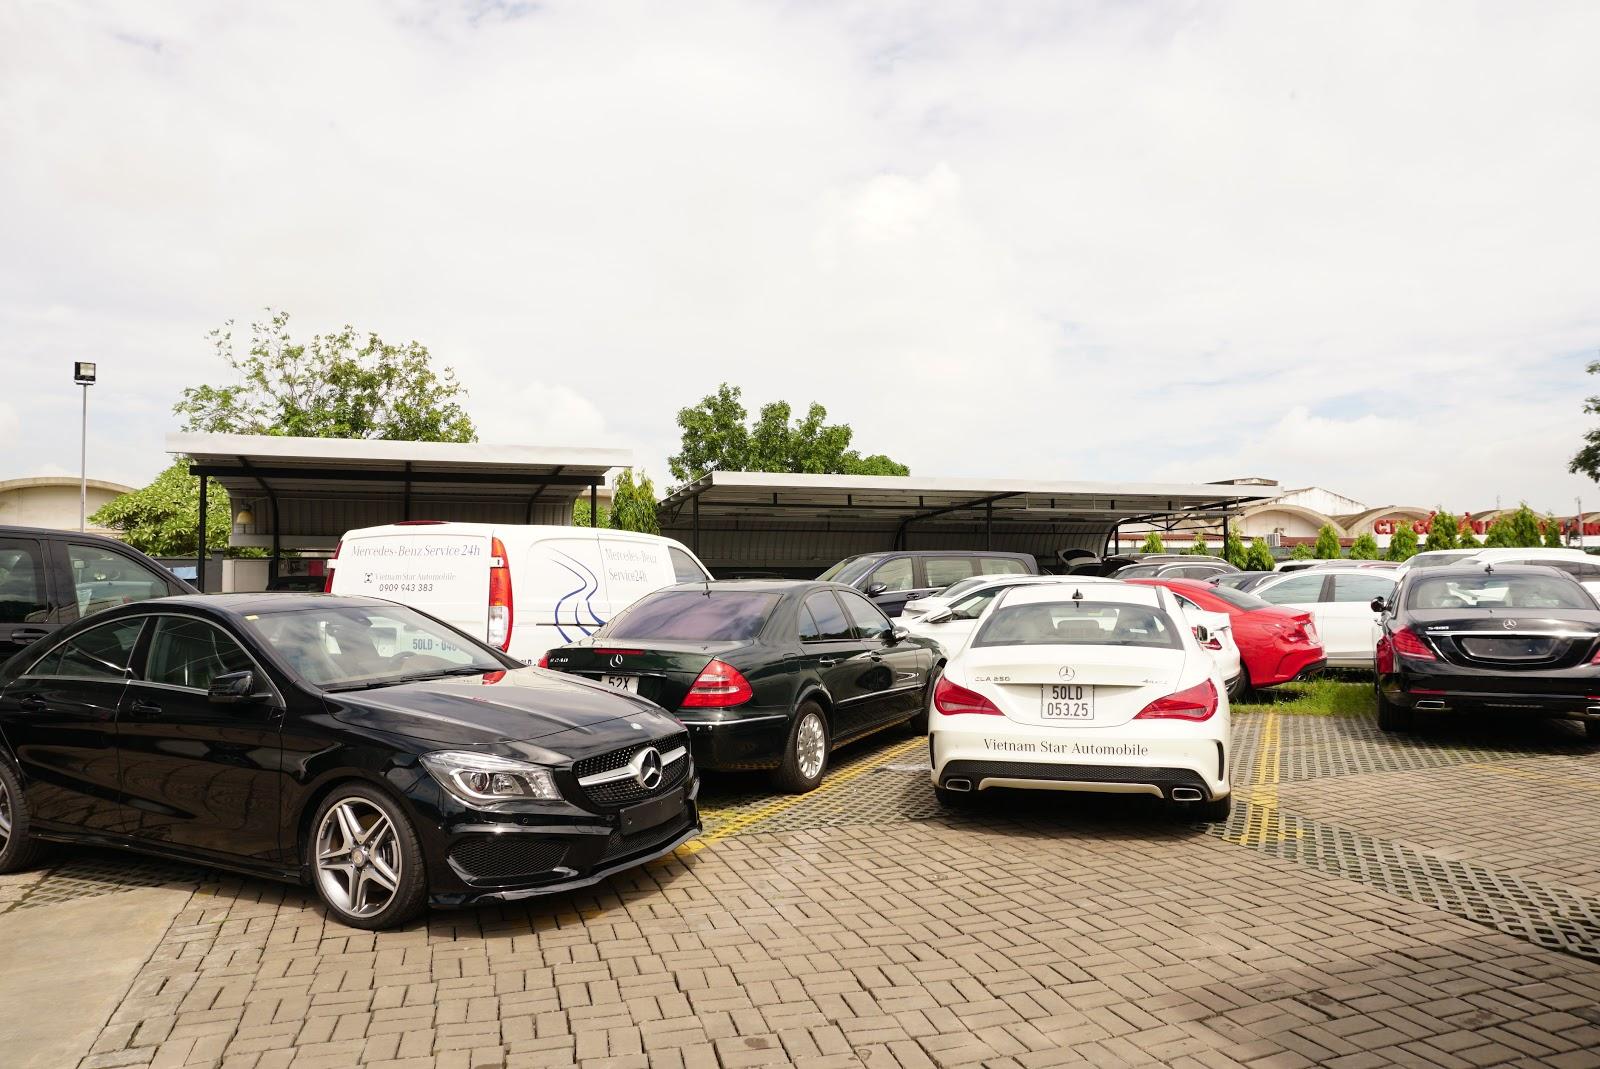 Một góc nhỏ của kho để xe của Mercedes Benz, tất cả đều chuẩn bị bàn giao